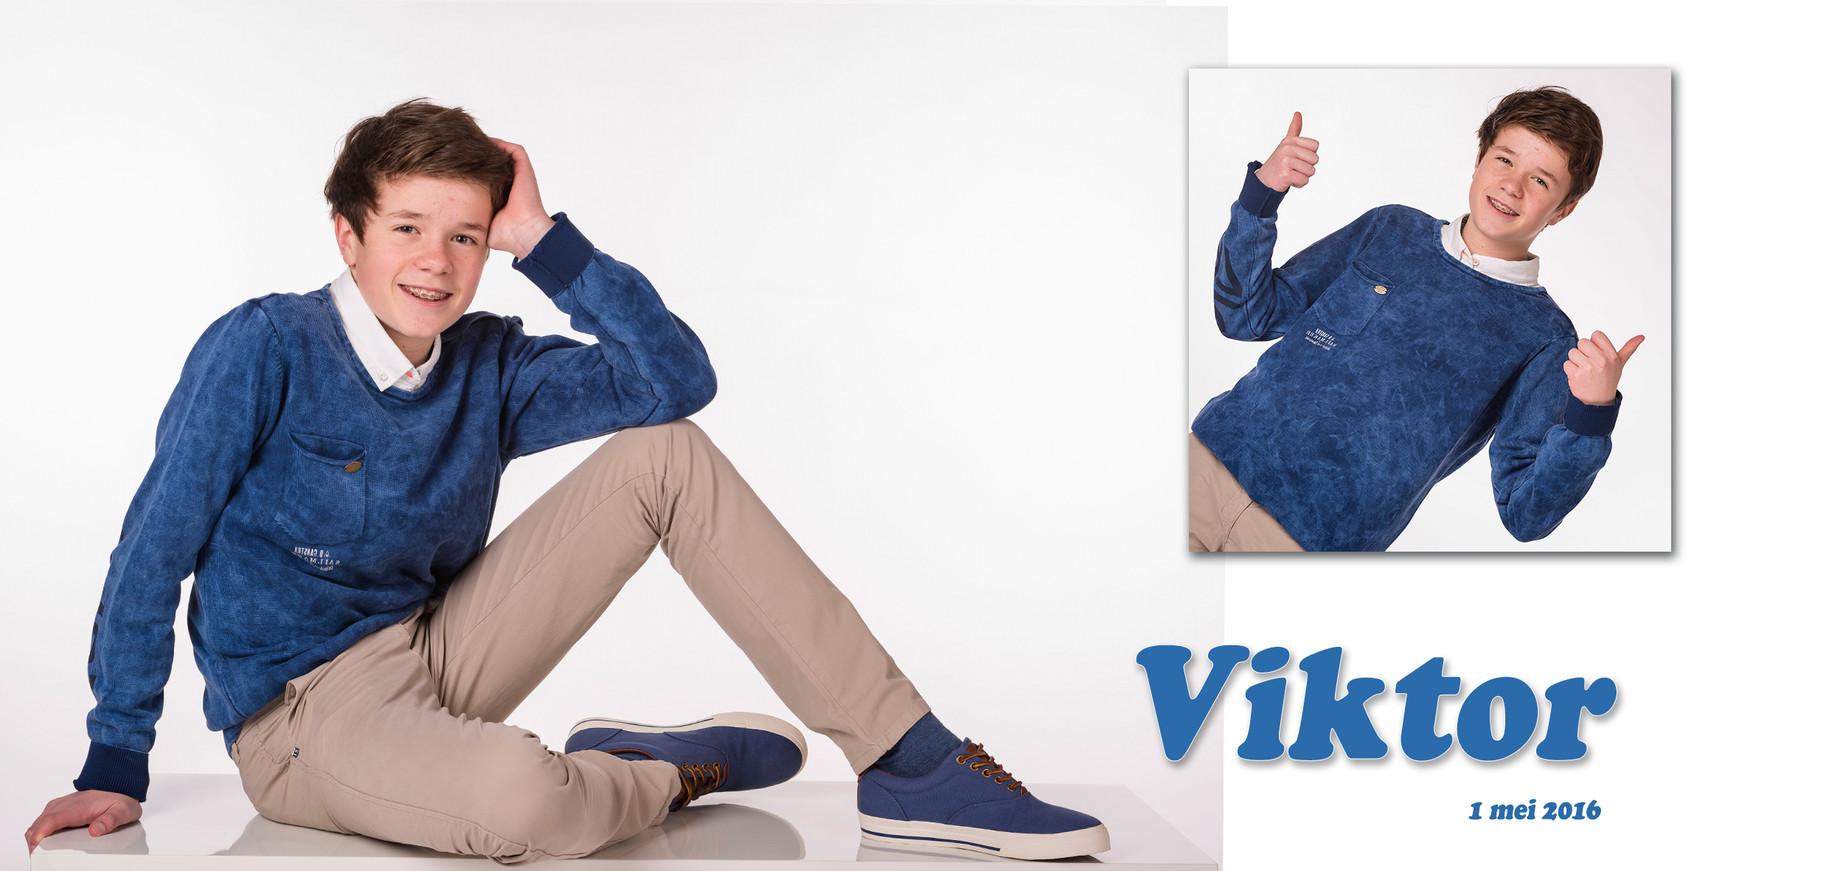 ontwerp Viktor 4.jpg